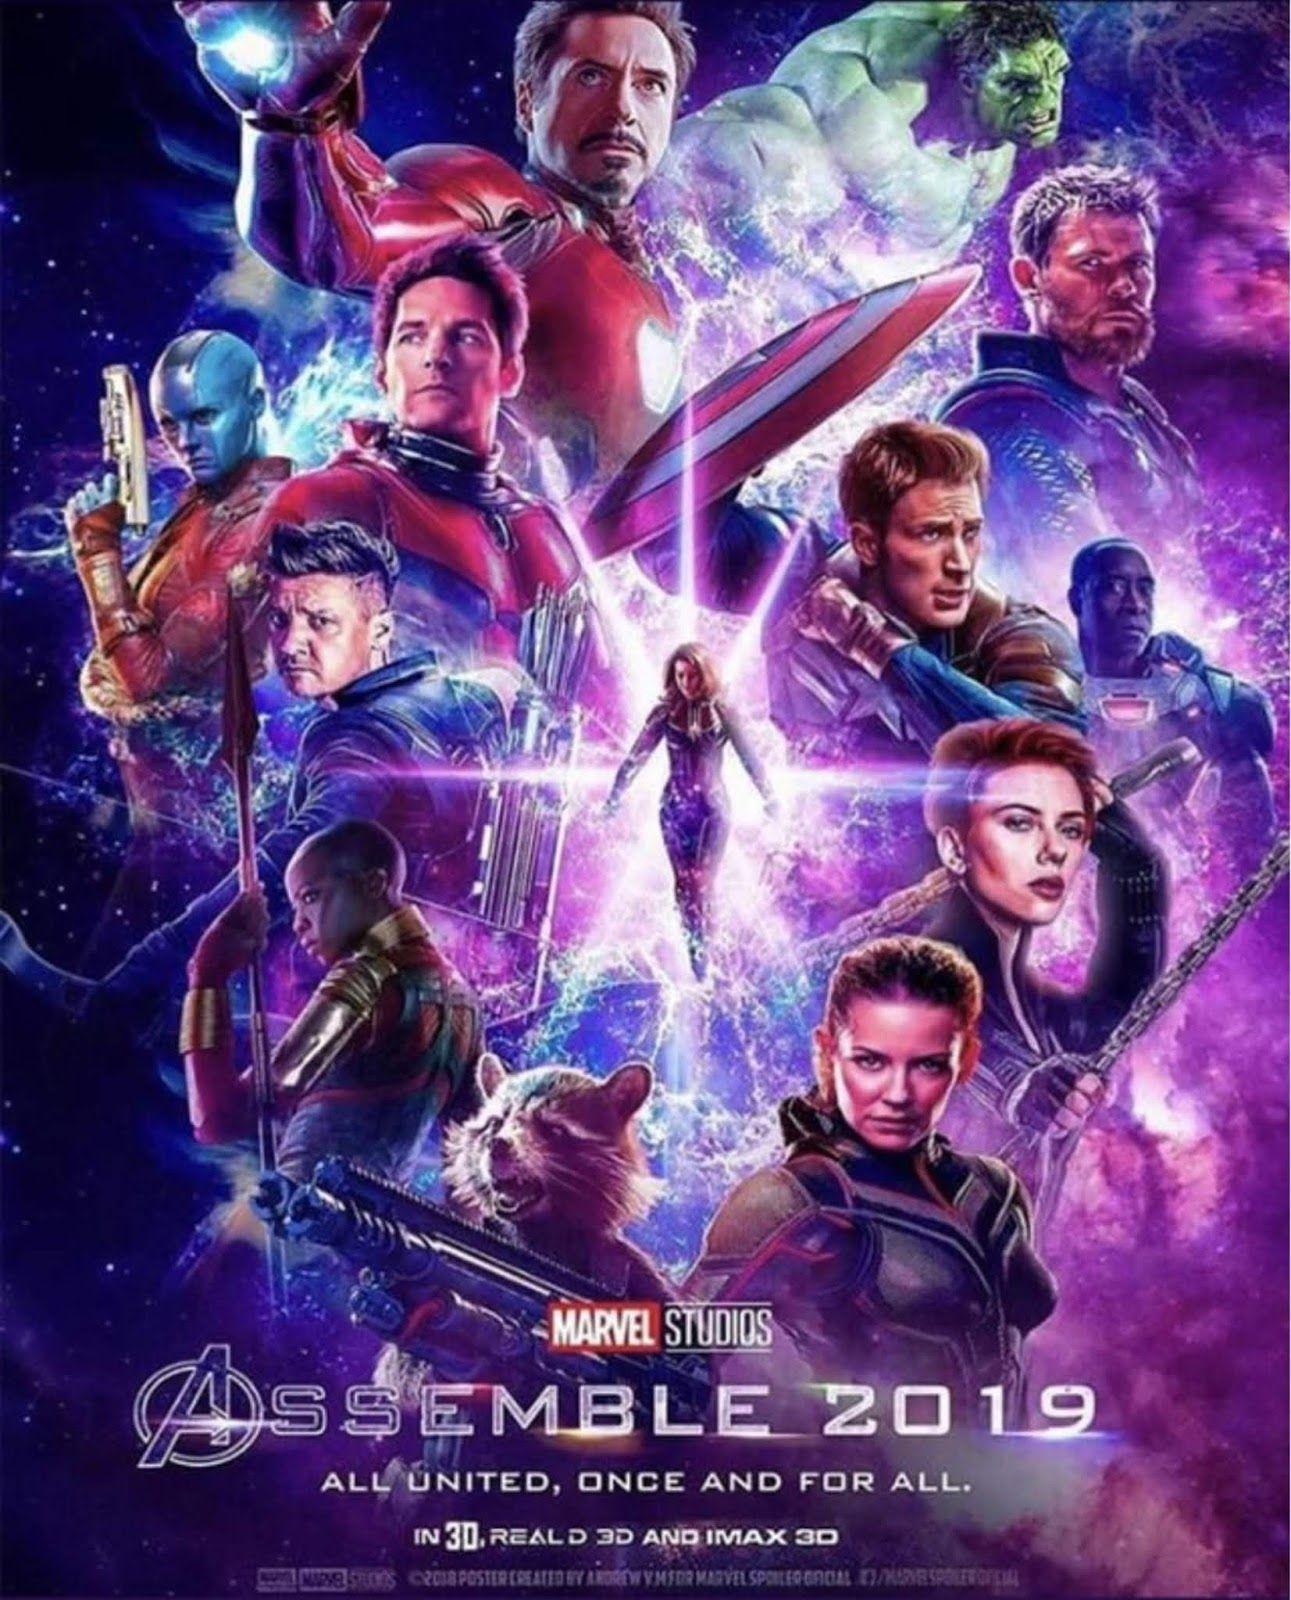 123 Mozi Bosszuallok Vegjatek Filmek 2019 Videa Online Magyar Teljes Indavideo Marvel Superheroes Avengers Marvel